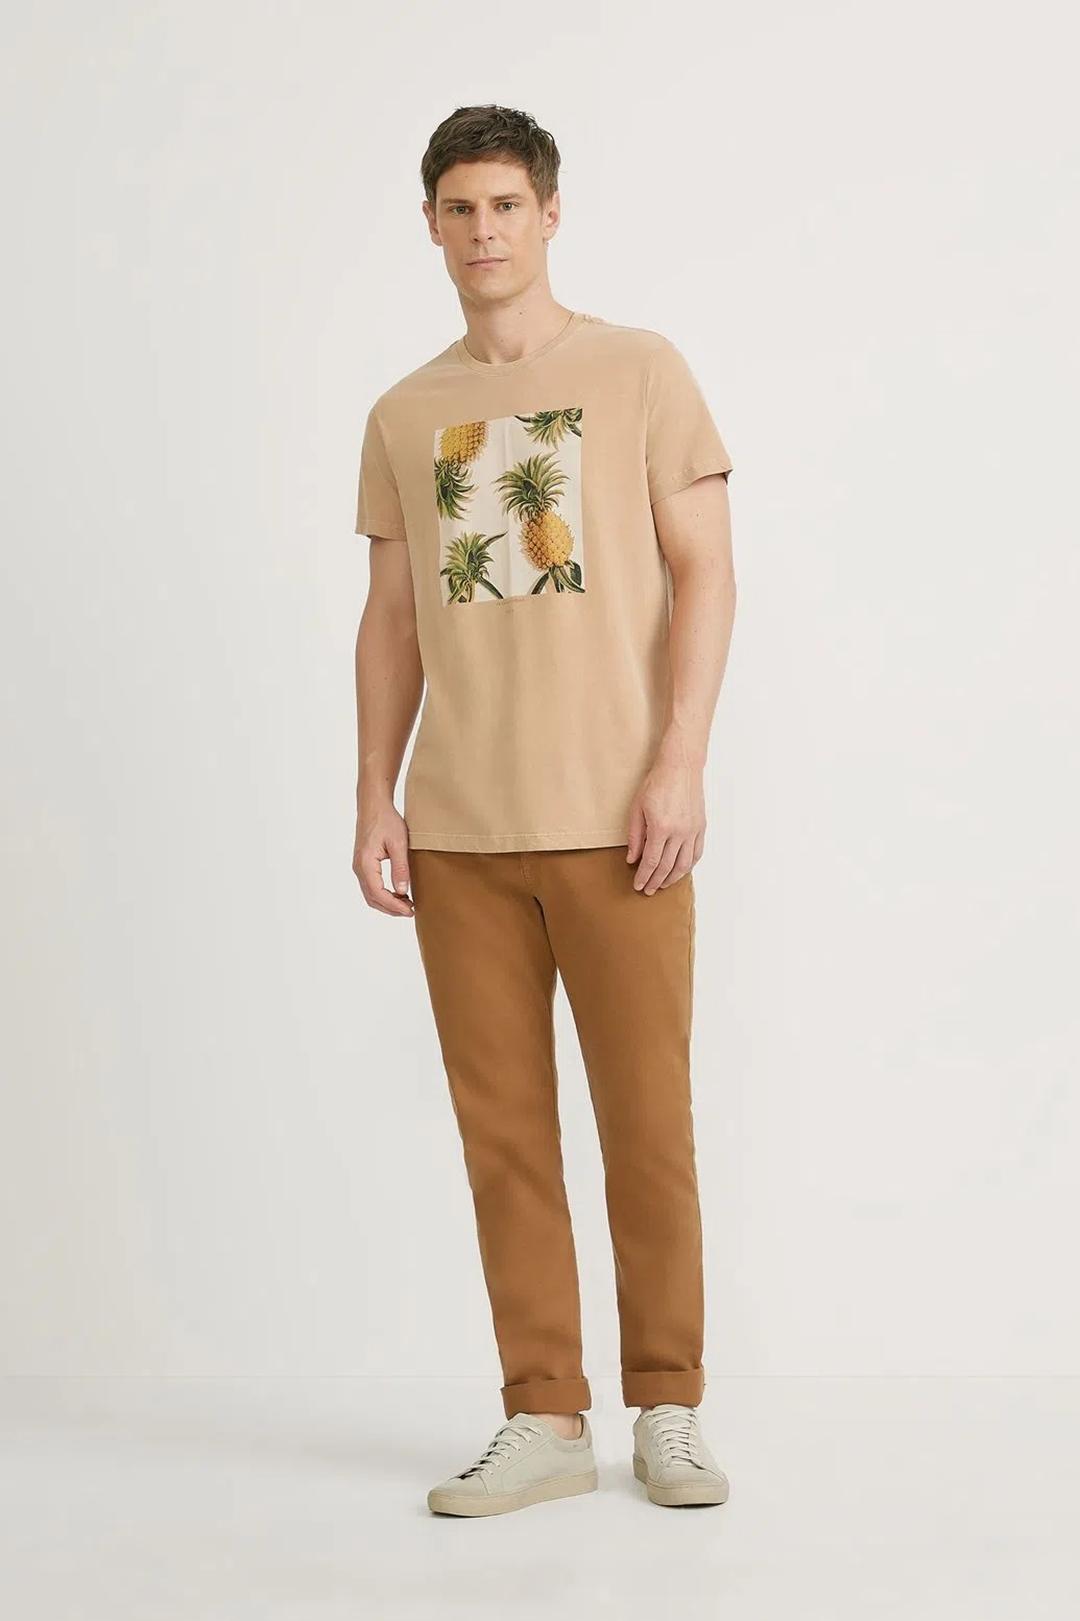 T-shirt Foxton Abacaxi - Caqui